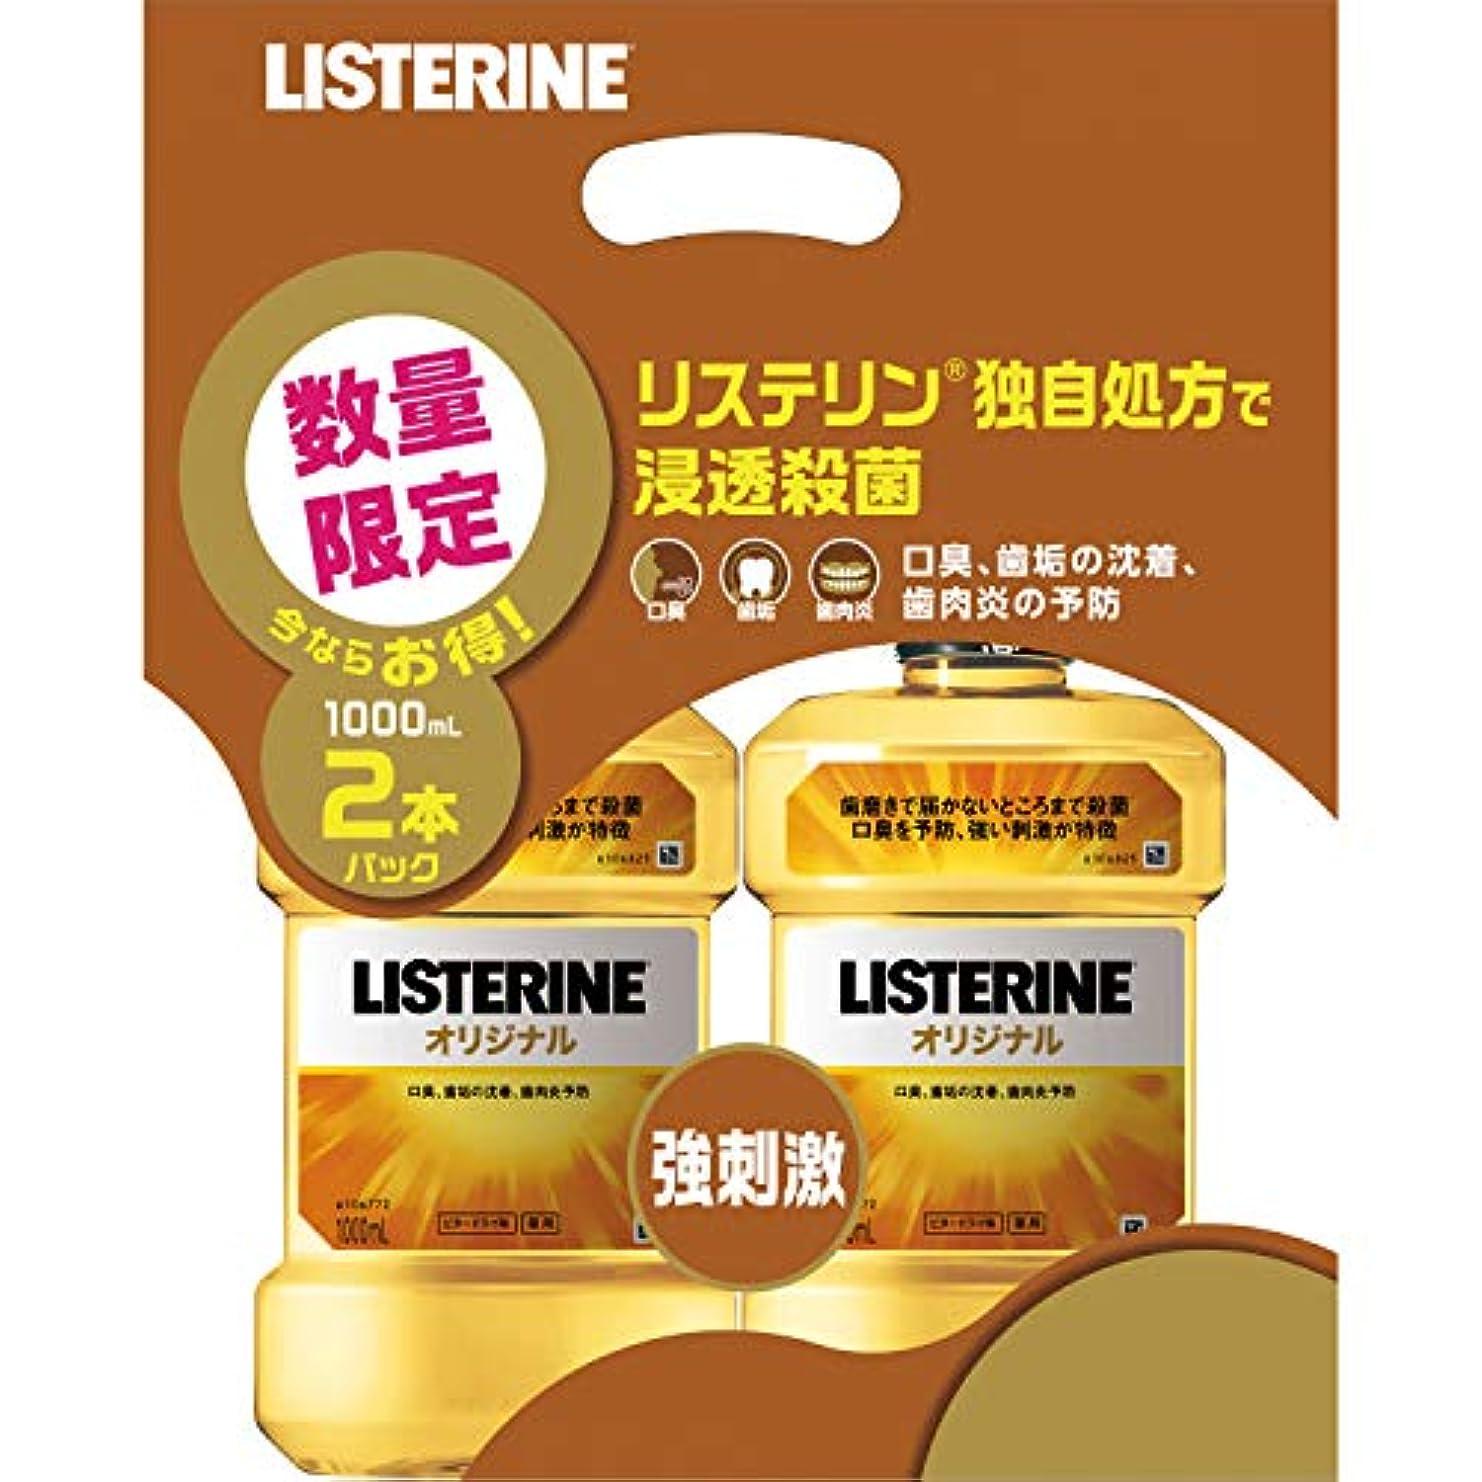 アイスクリーム学部長ごめんなさいLISTERINE(リステリン) 薬用 リステリン オリジナル マウスウォッシュ ビタードライ味 【まとめ買い】 1000mL×2個